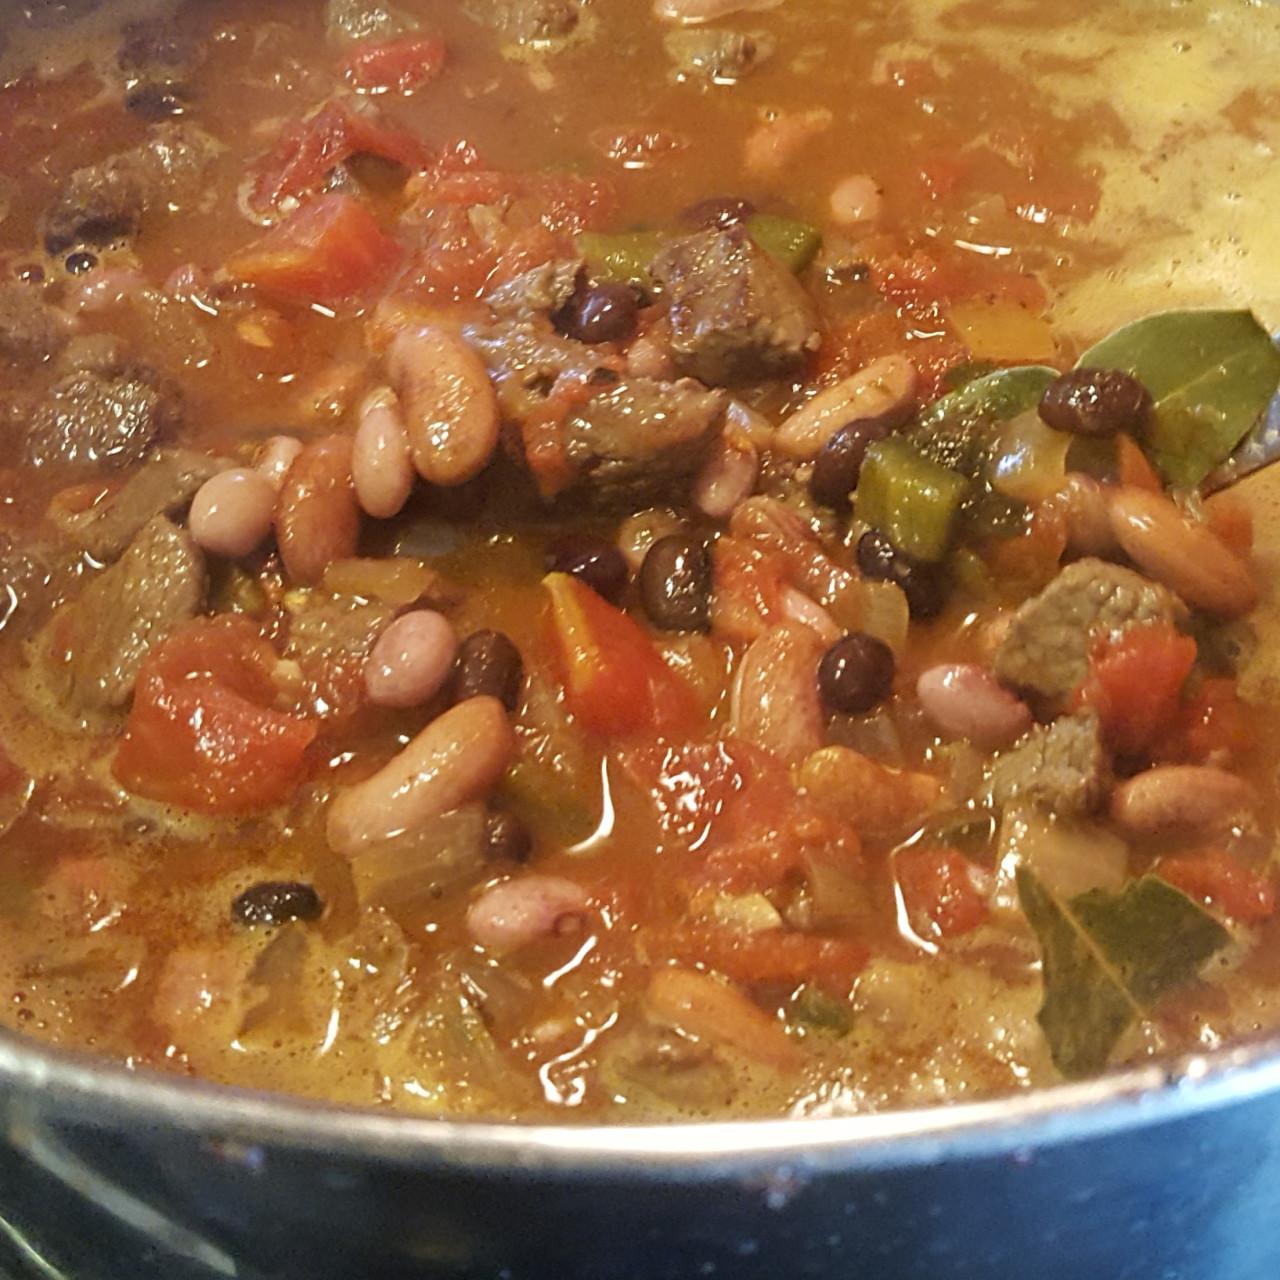 3 Bean Steak Chili